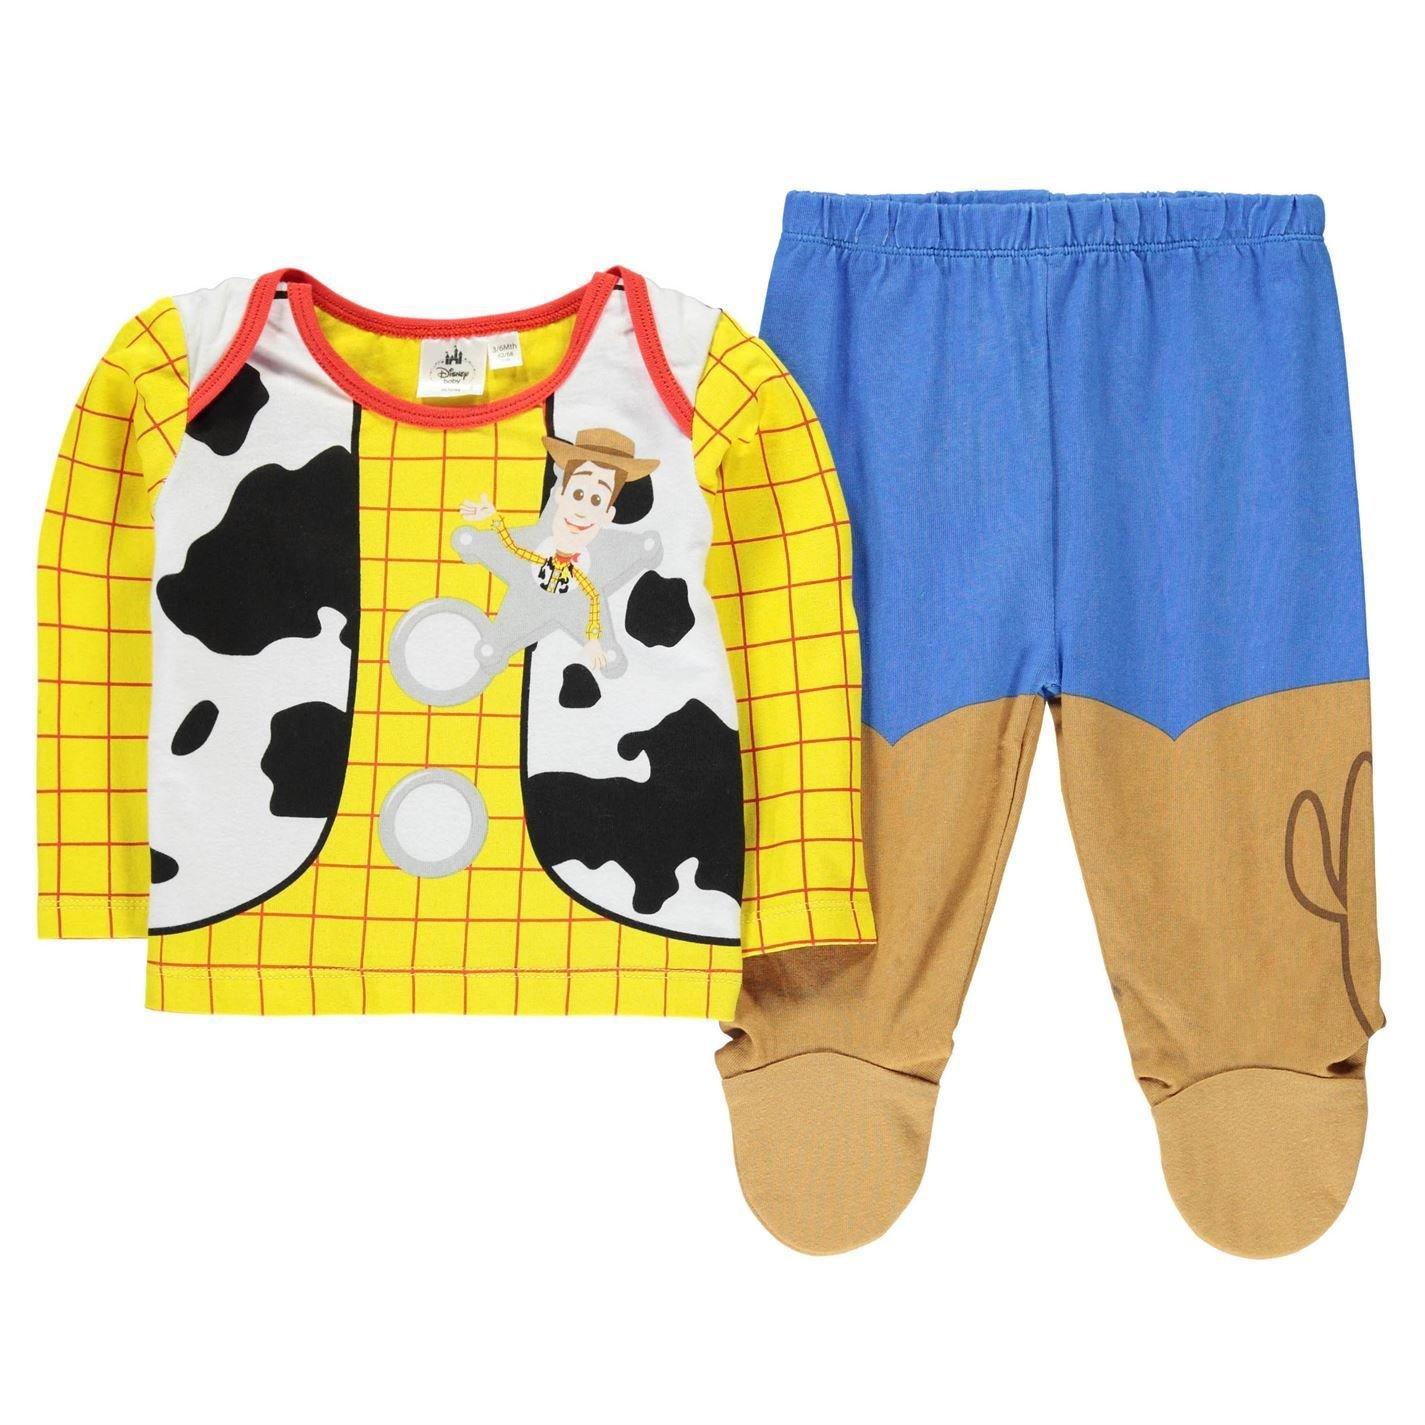 Disney Toy Story Woody 2 Piece Pyjama Set Infant Baby Blue/Yel Pajama Sleepwear